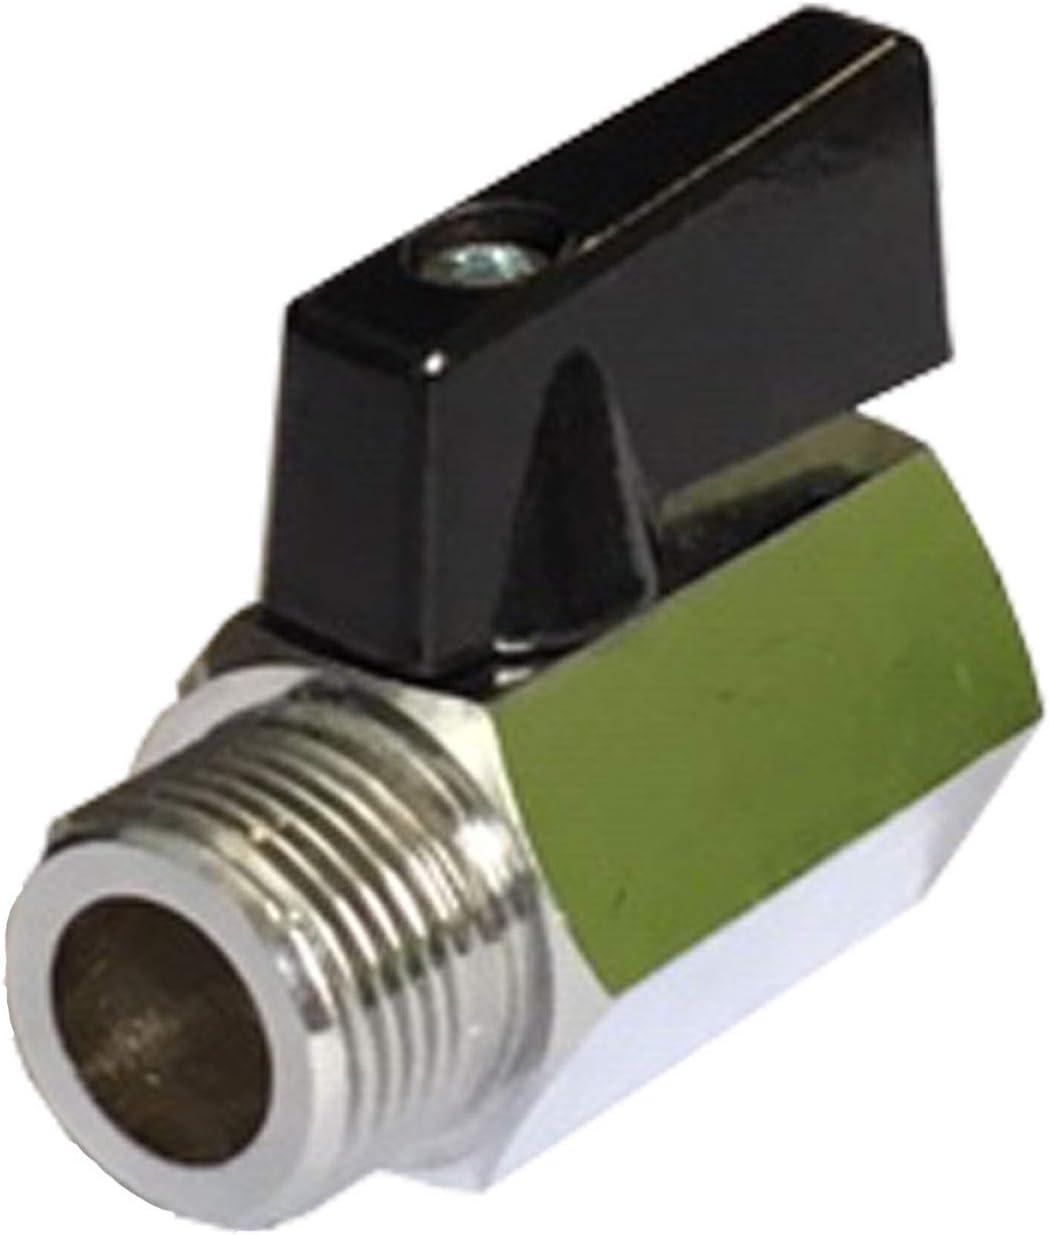 Absperrventil Messing IG//AG Mini-Kugelhahn flachdichtend mit Fl/ügelgriff 1//8 Zoll